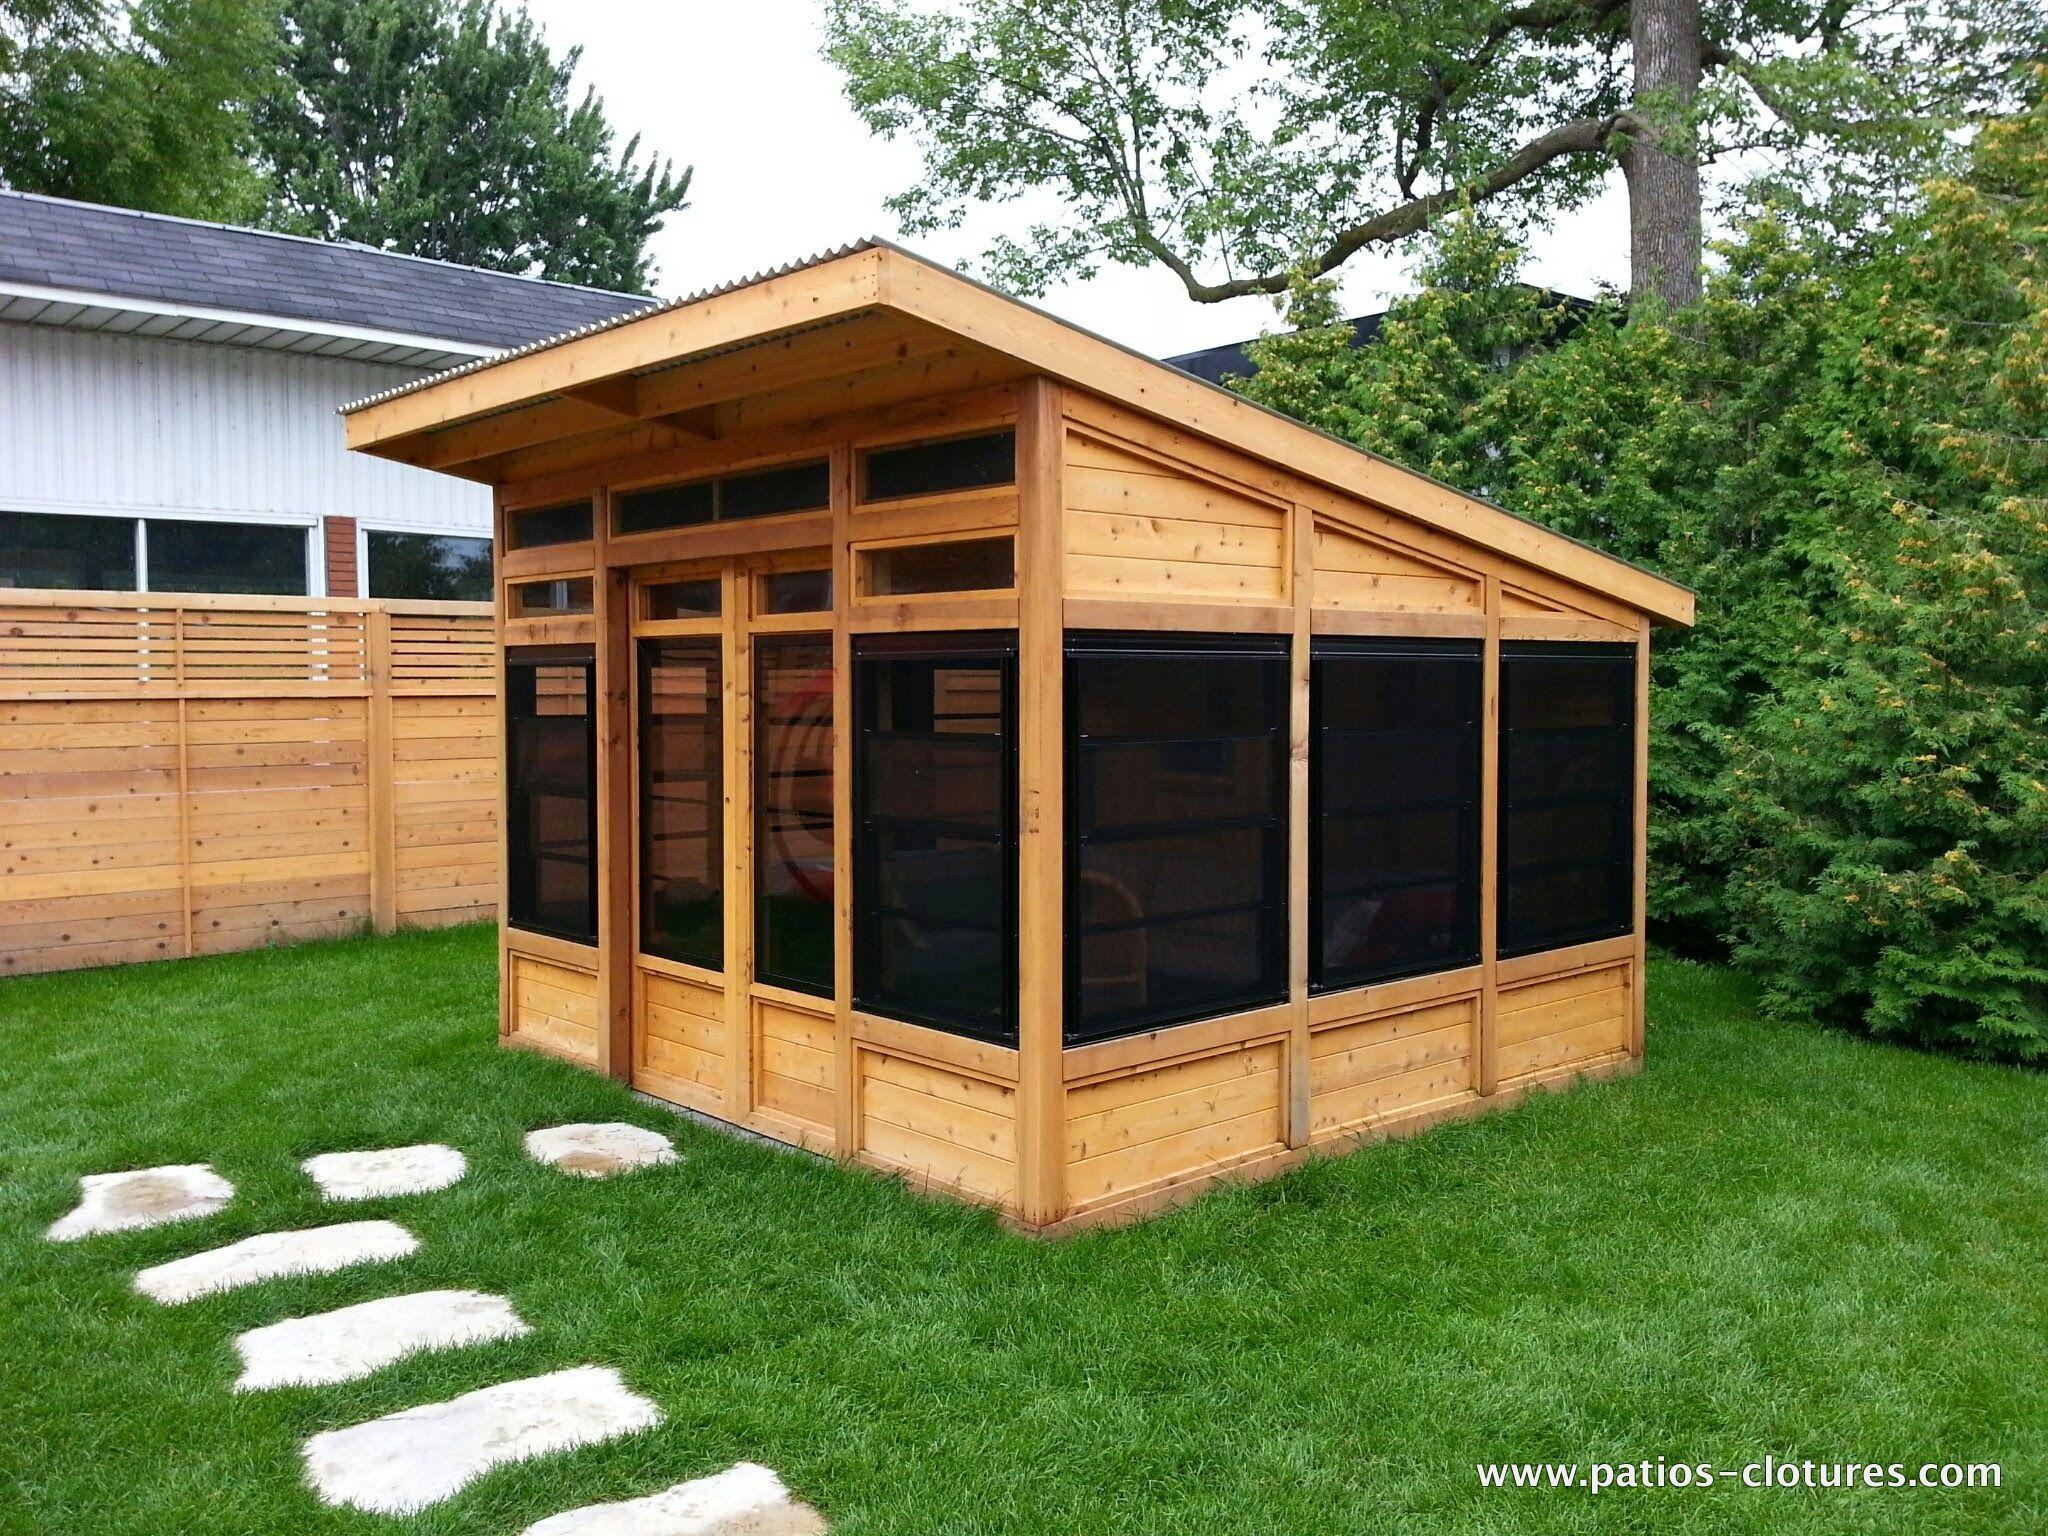 gaz bo ferm en bois de c dre avec une toiture en acier galvanis et des fen tres guillotine. Black Bedroom Furniture Sets. Home Design Ideas